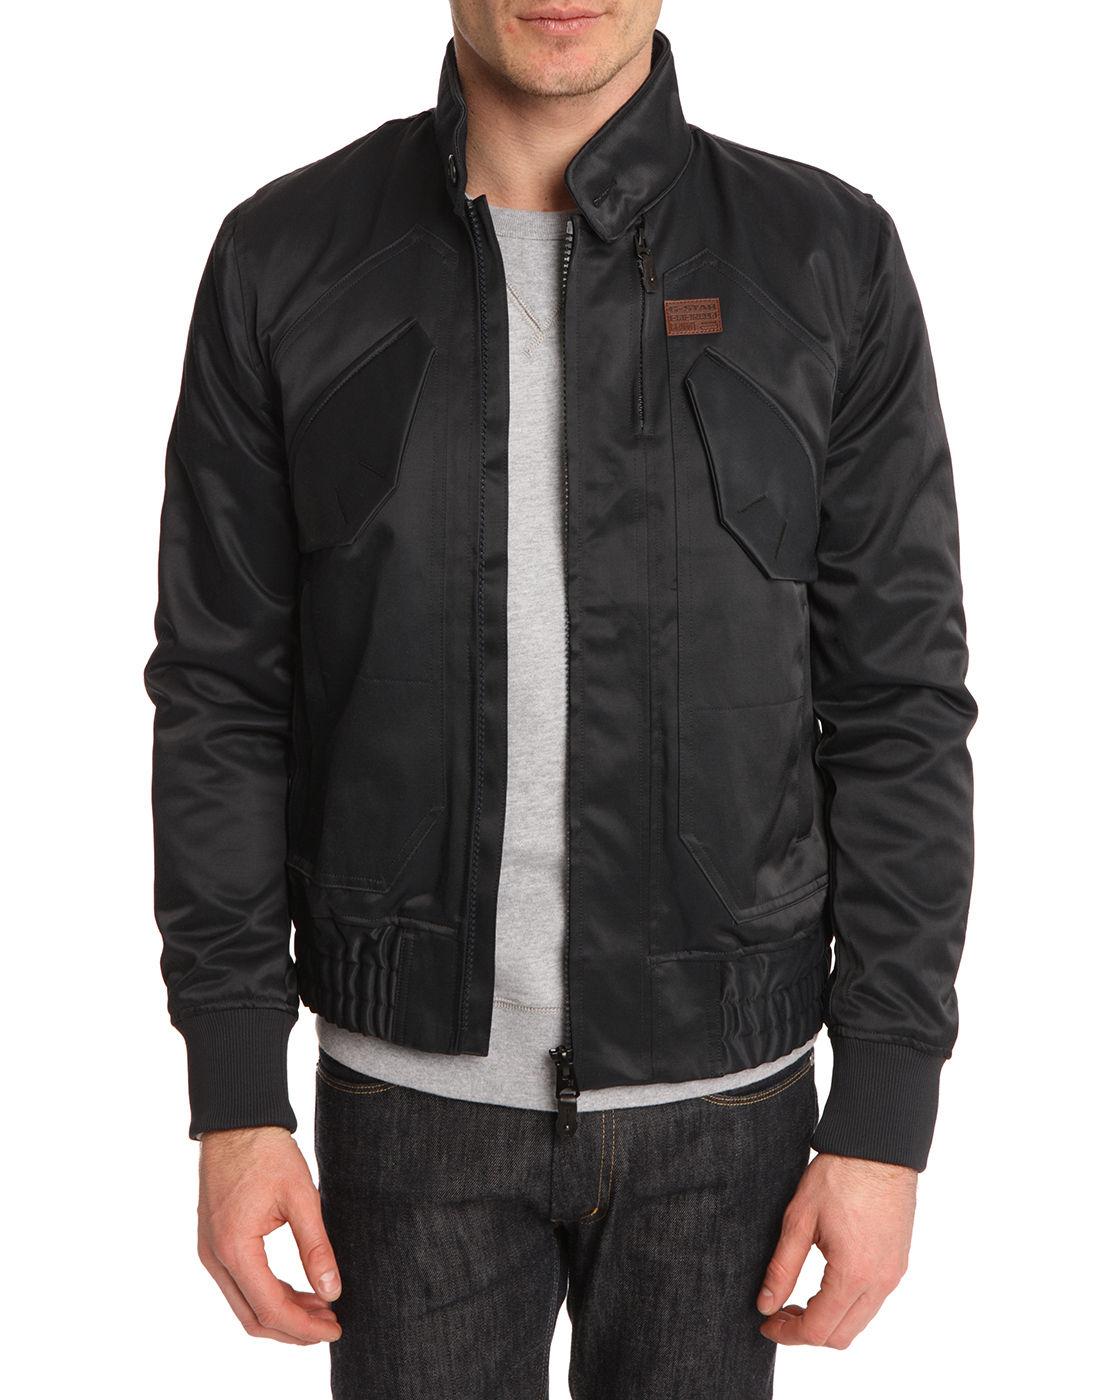 g star raw altas black jacket in black for men lyst. Black Bedroom Furniture Sets. Home Design Ideas